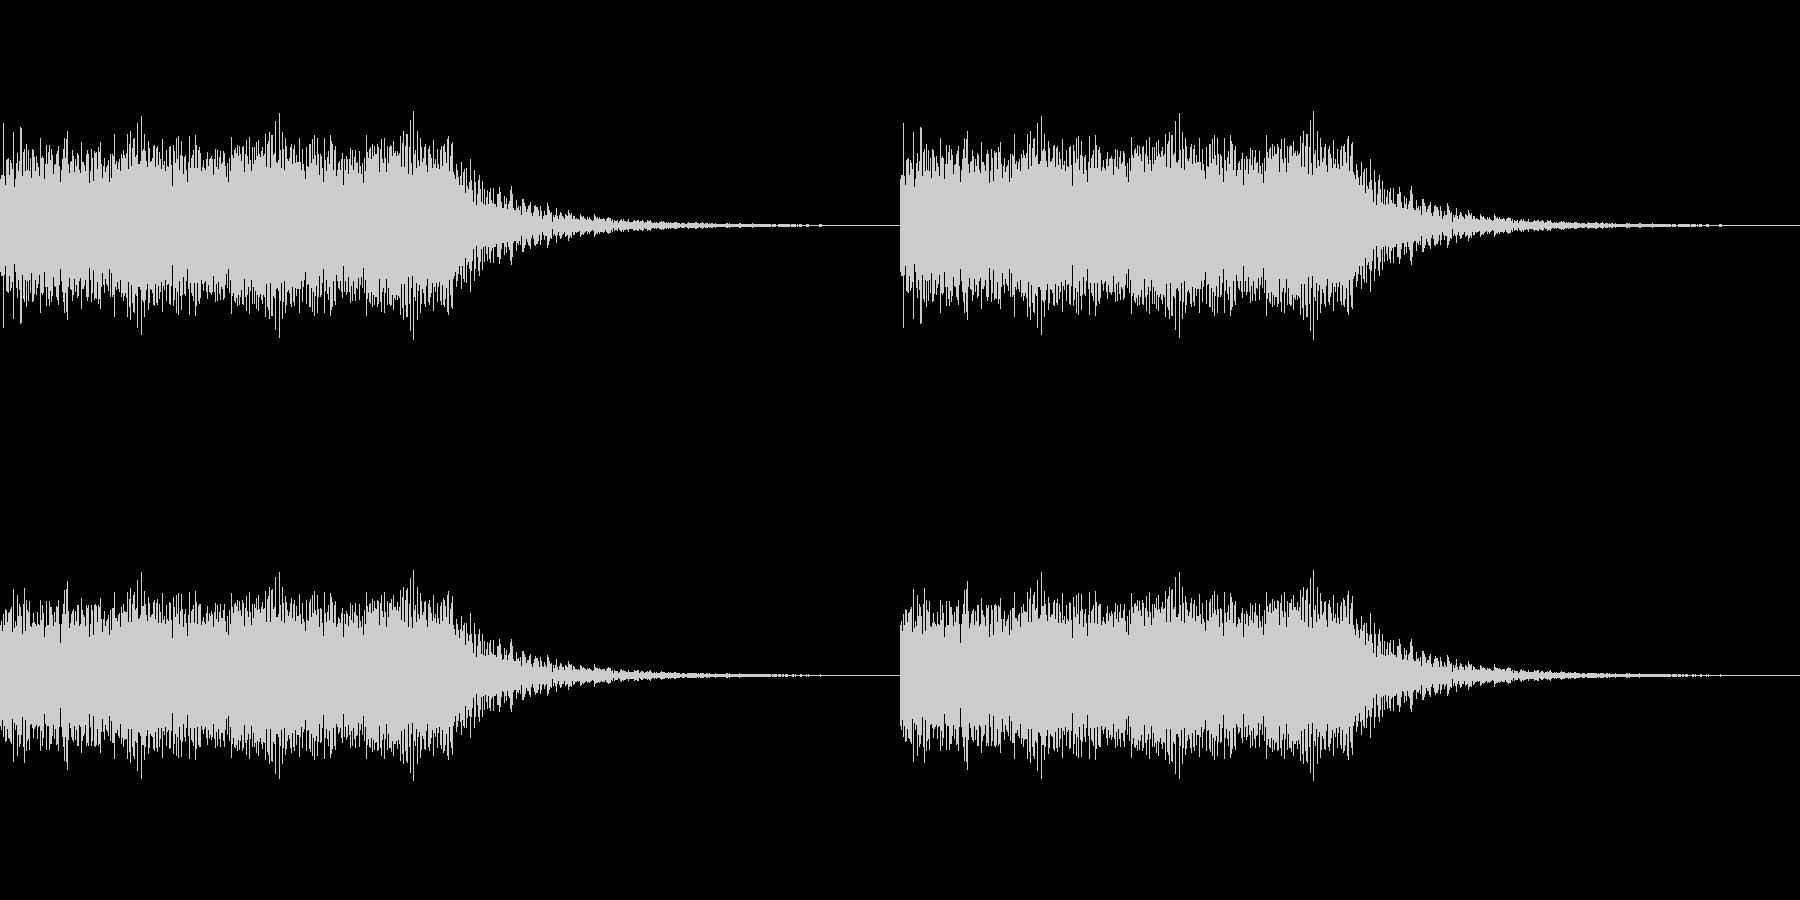 キュイーンキュイーンの未再生の波形